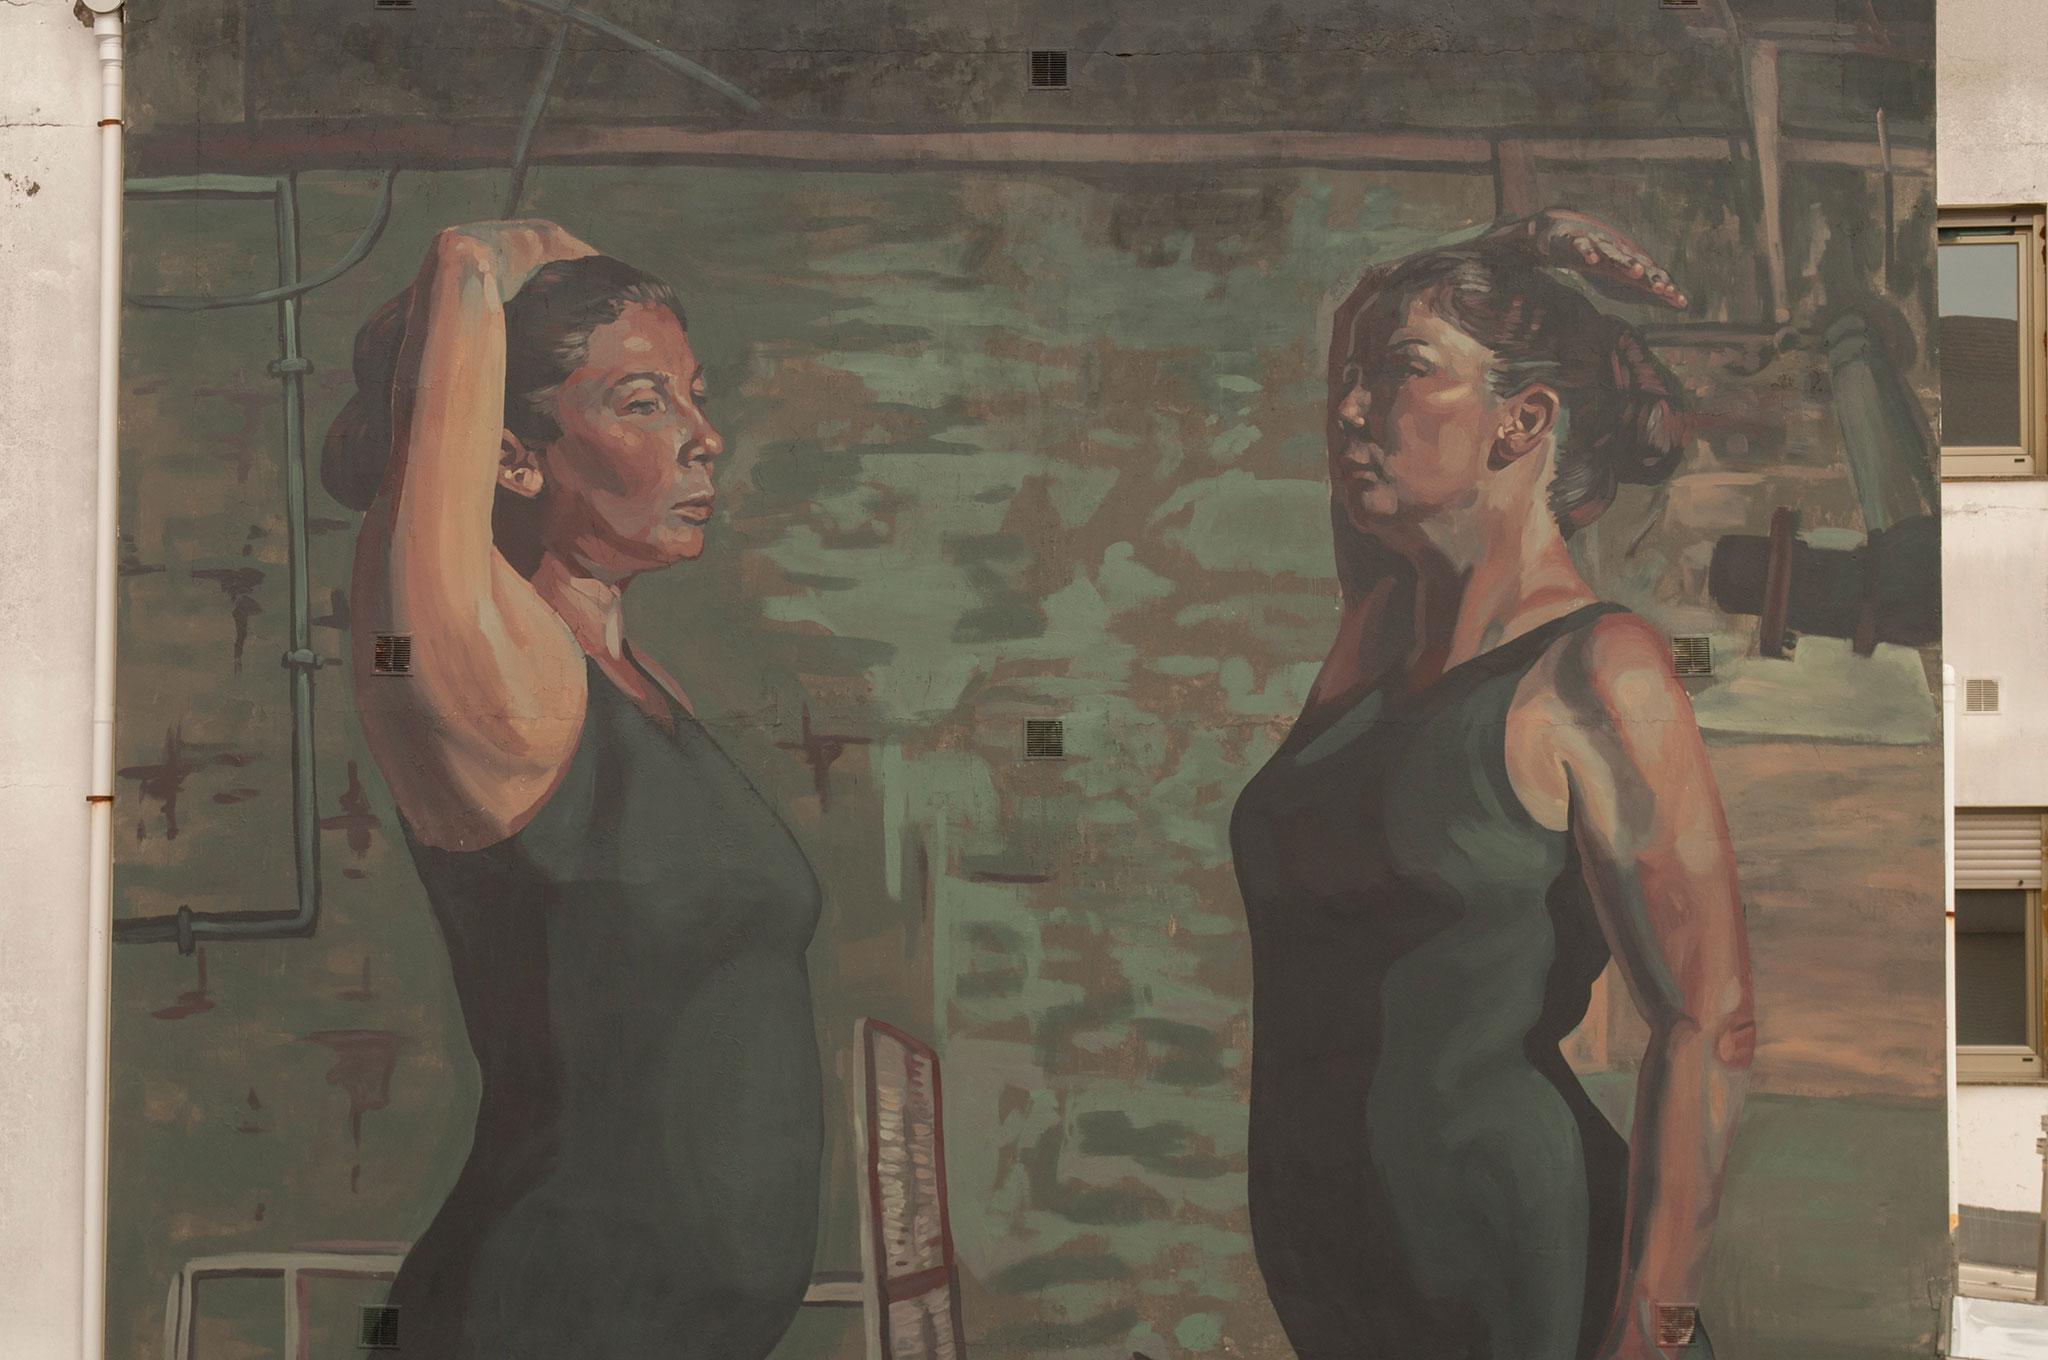 Foto principal mural Conxuro para unha estabilidade